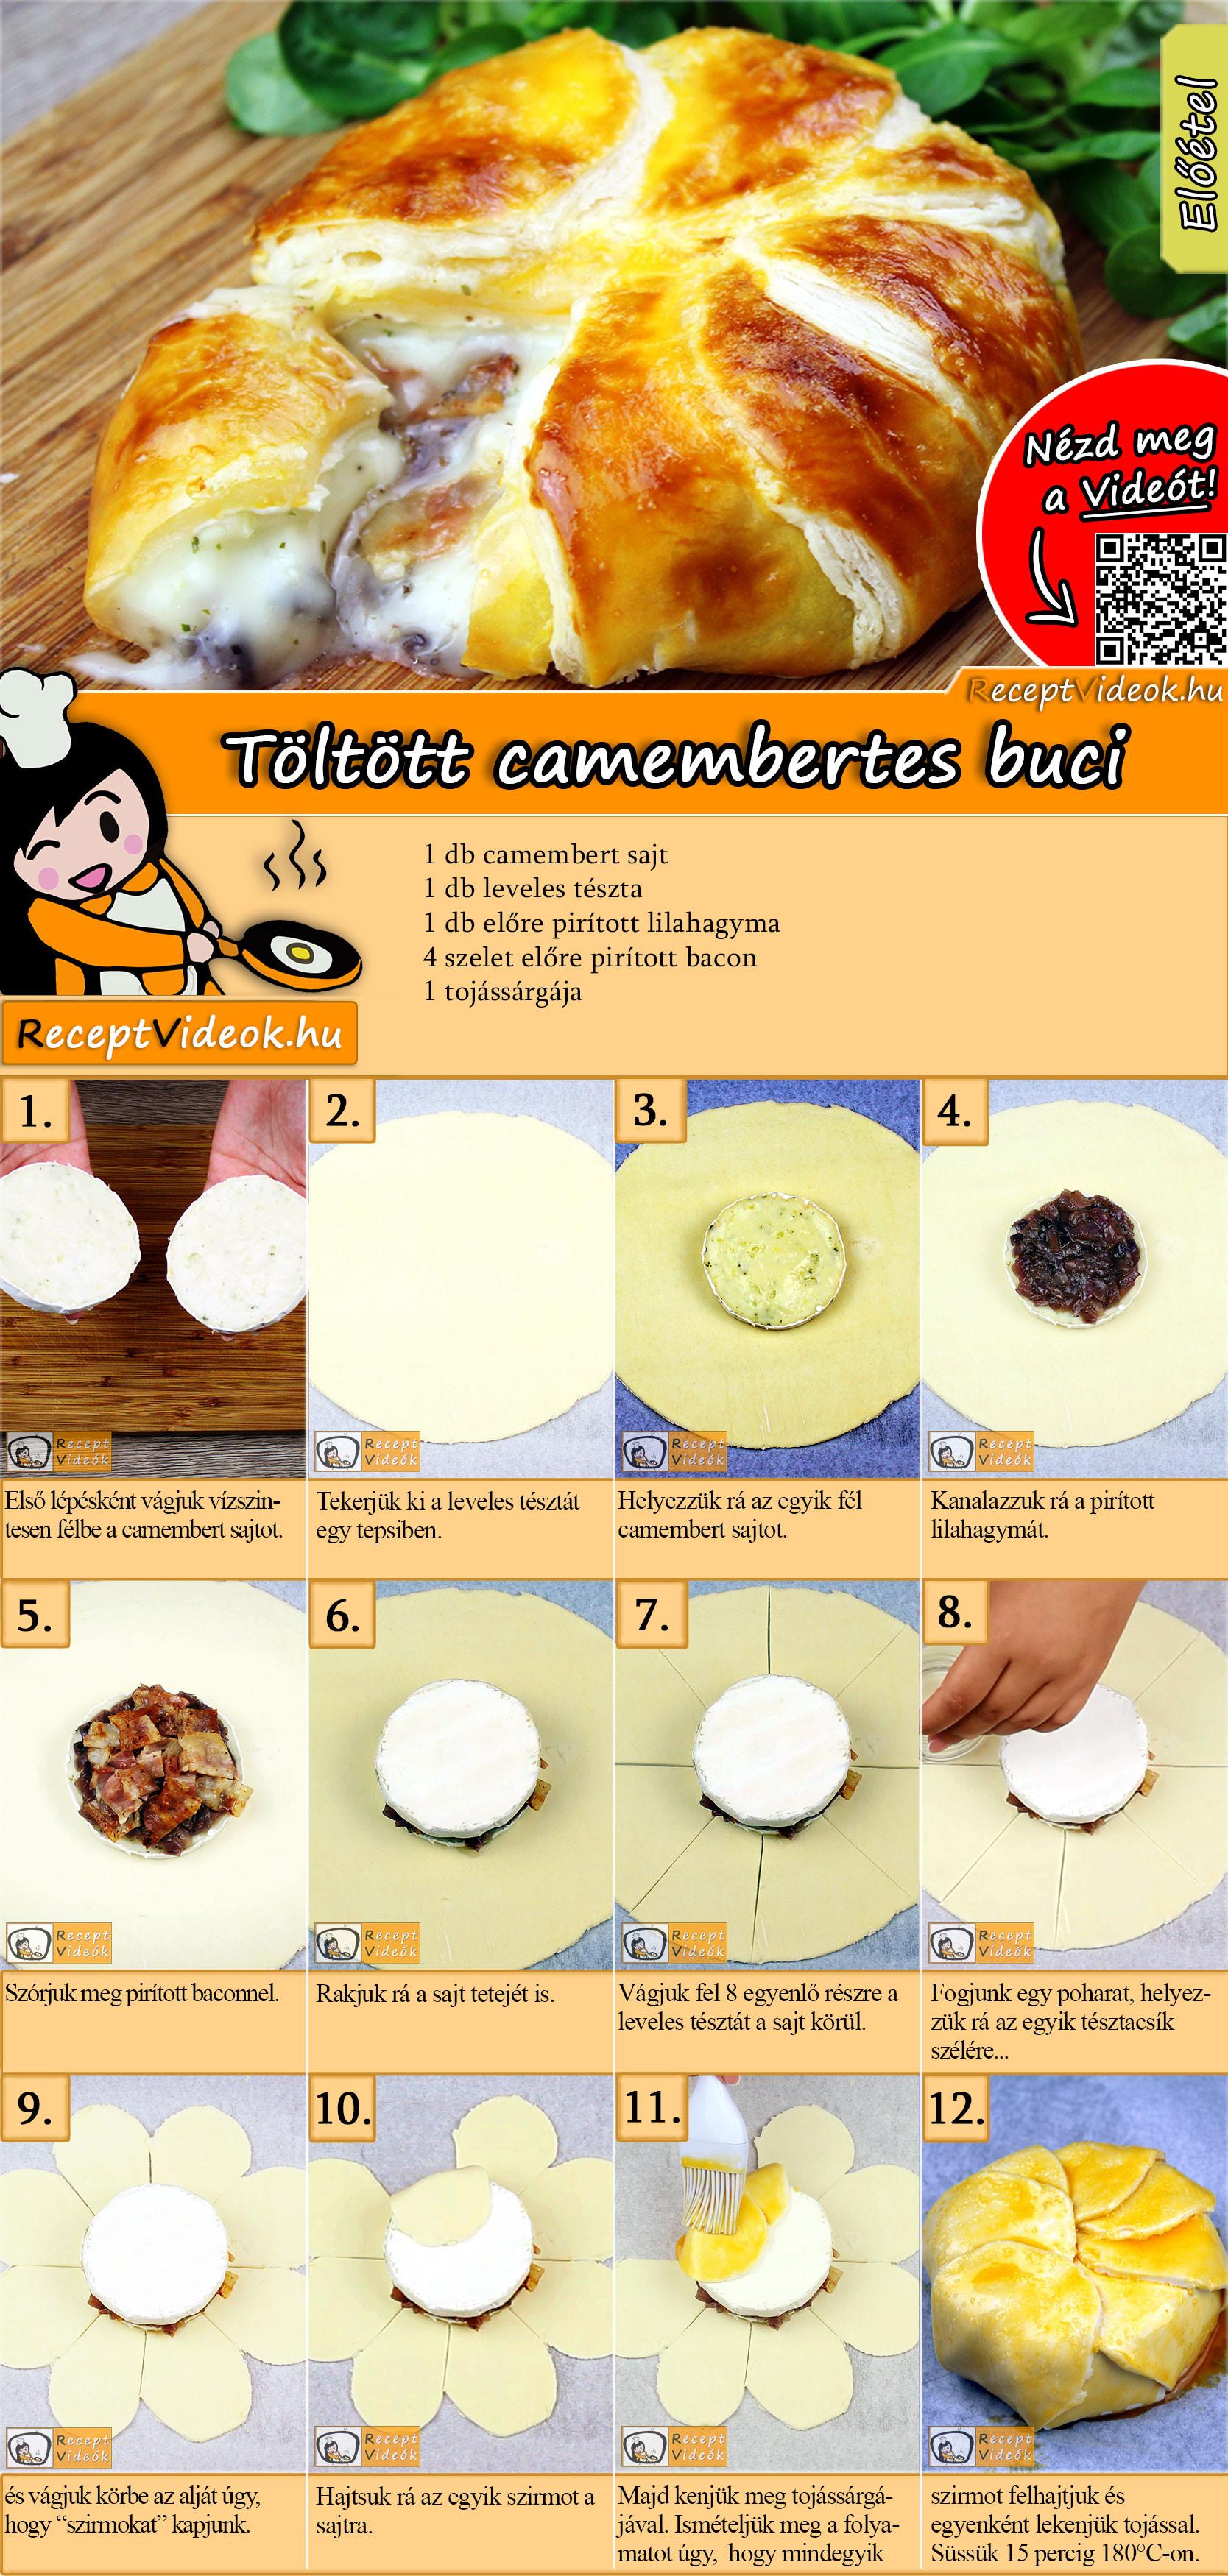 Töltött camembertes buci recept elkészítése videóval